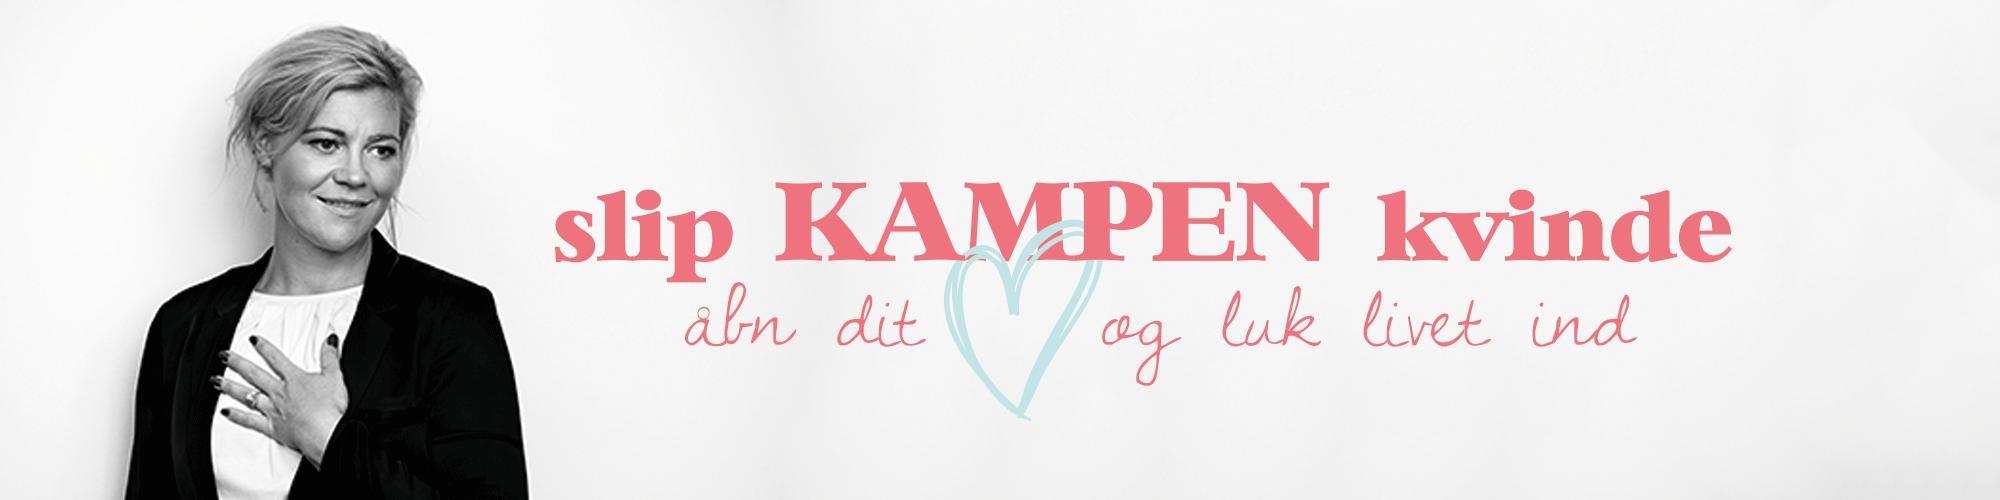 banner-web-slip-kampen